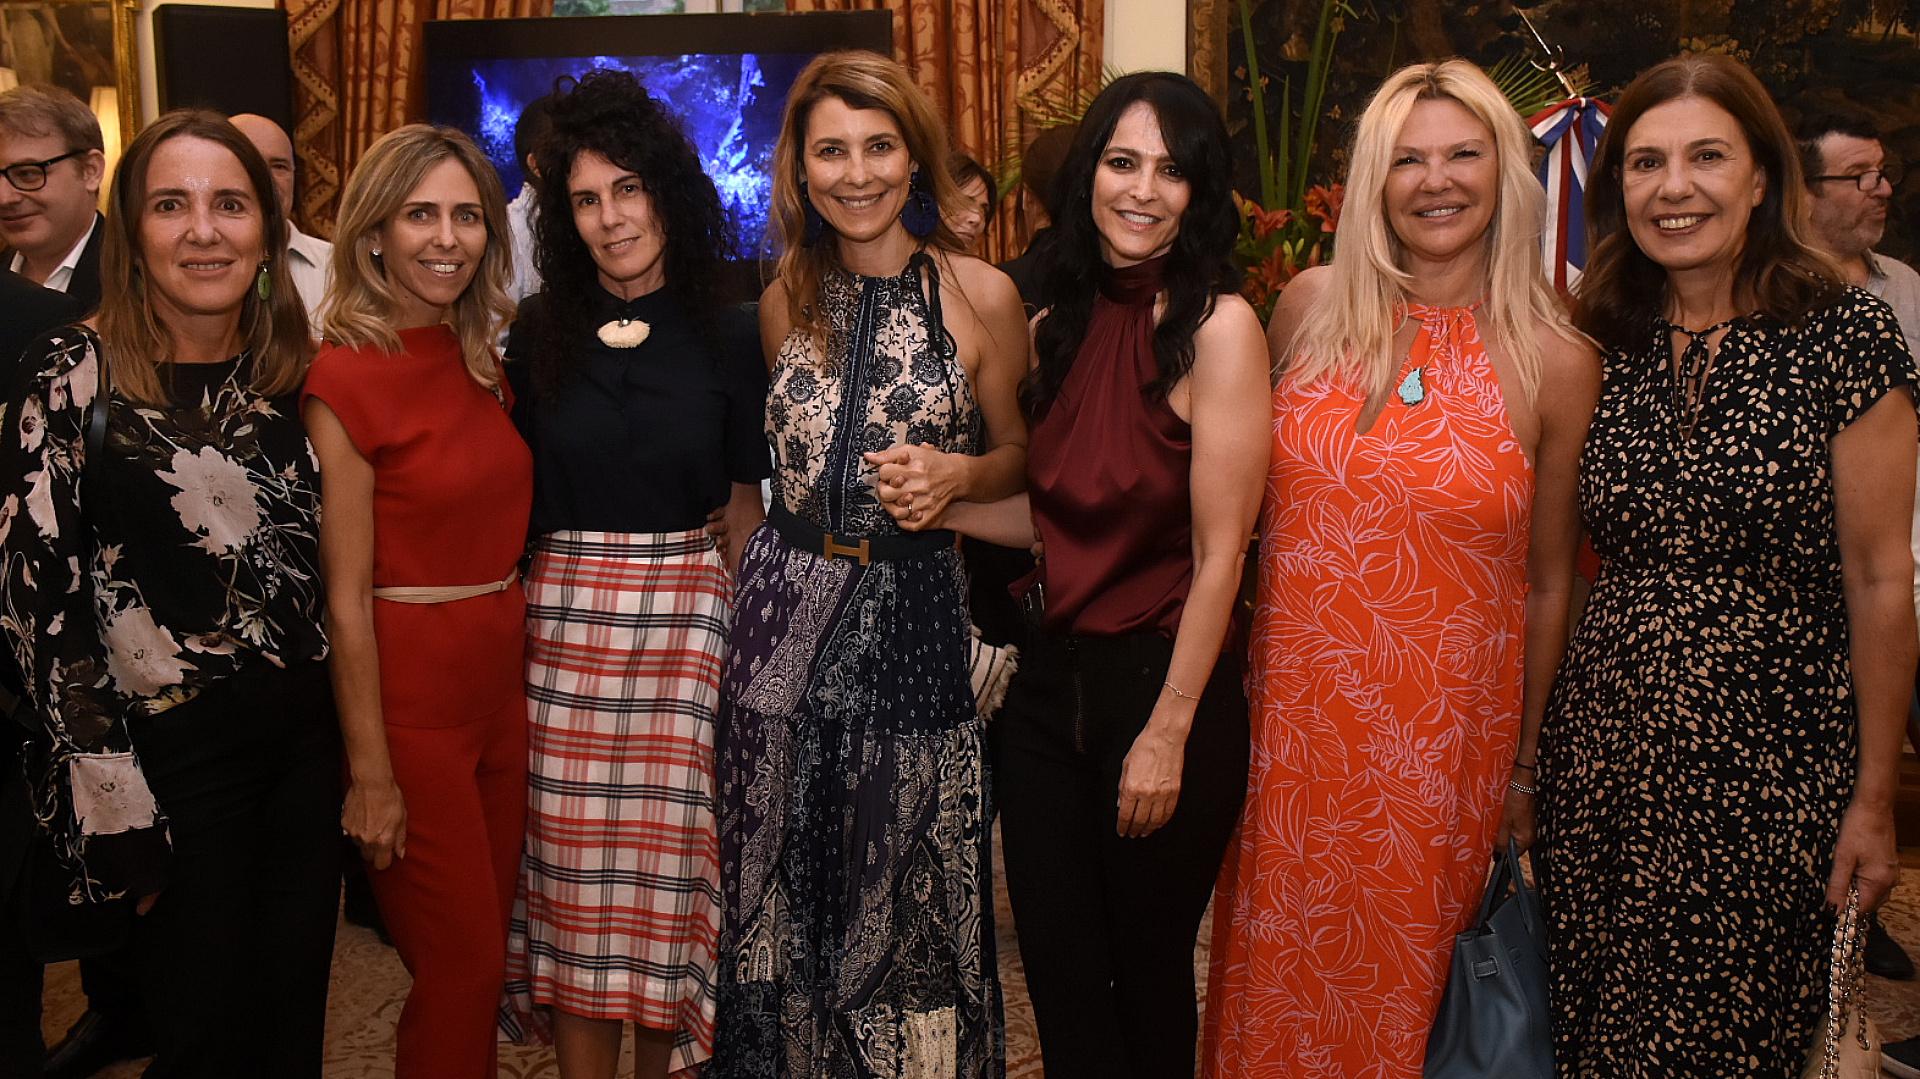 Verónica Zoani de Nutting, Mariana Bagó, Cynthia Cohen, Adriana Batan de Rocca, Cindy Teperman, Karin Sulichin y Zoraida Awada